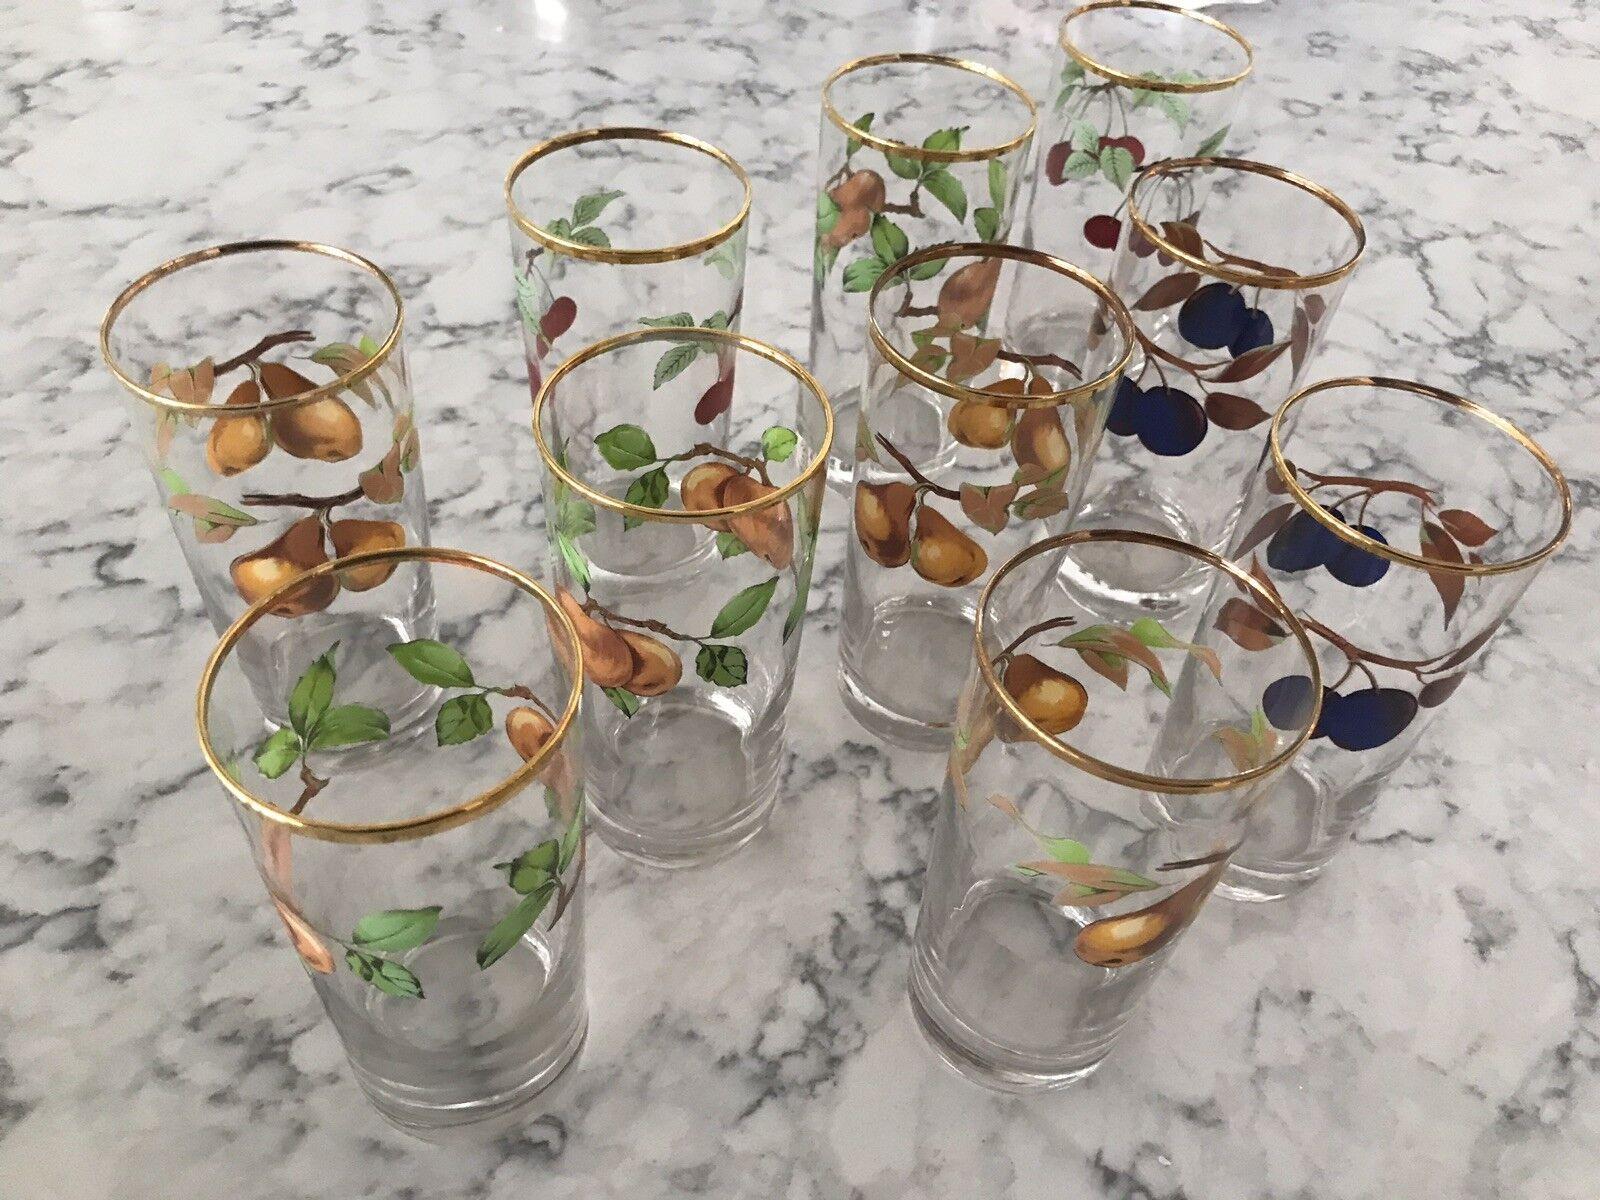 10 Eversham or whisky soda Lunettes